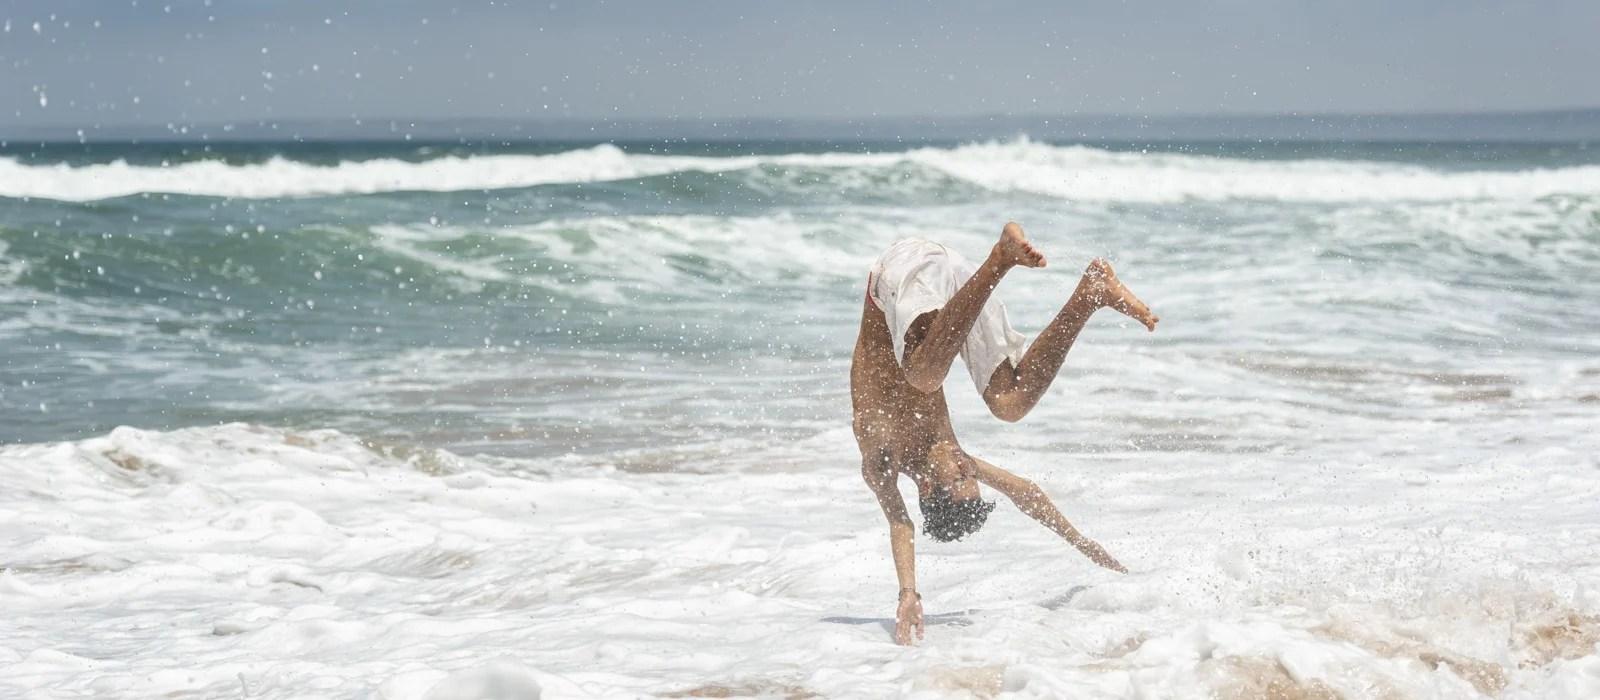 Un jeune marocain saute dans la mer près de Safi au Maroc - Les Routes du Monde